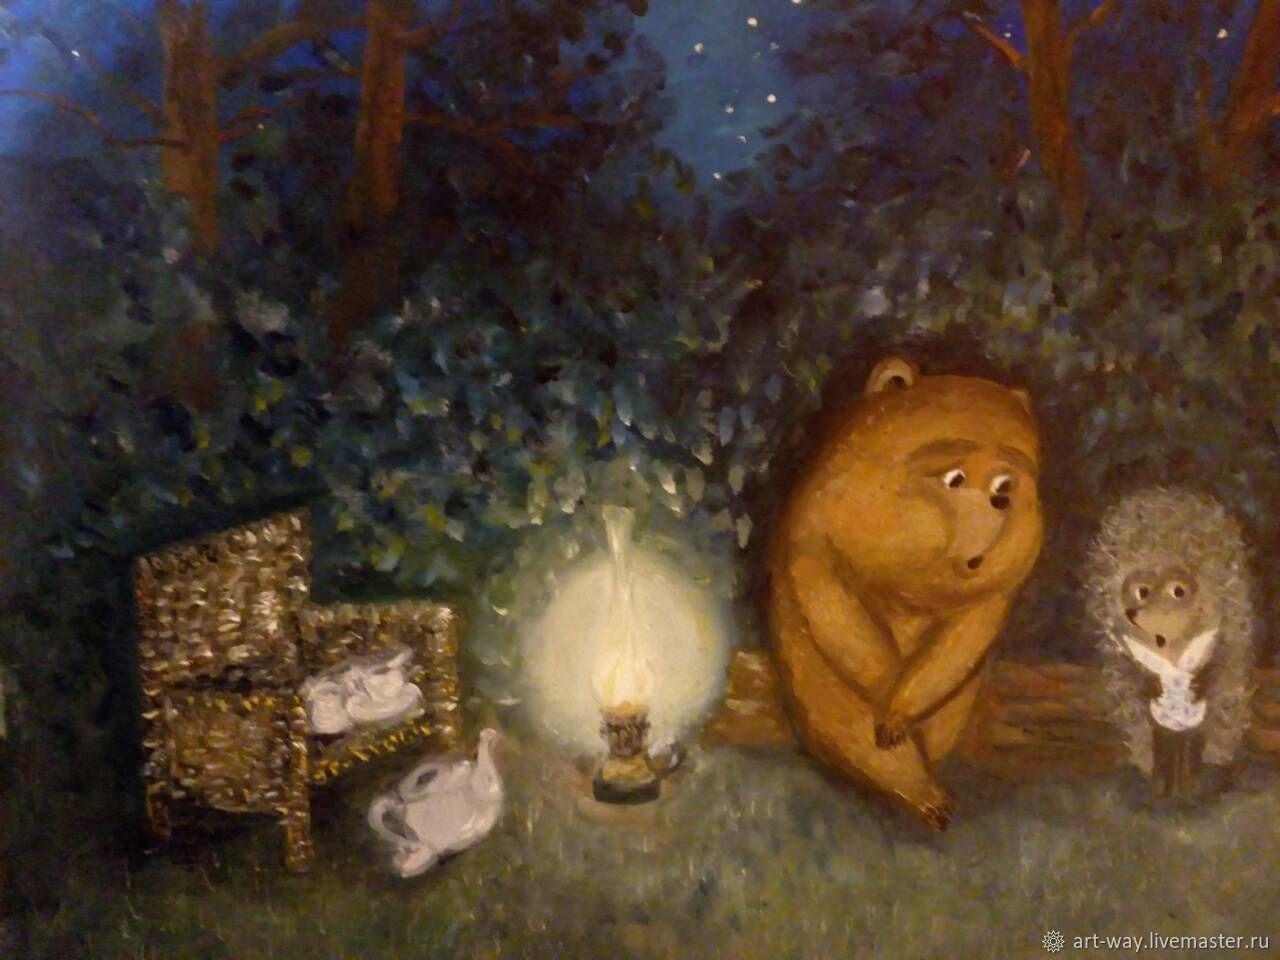 картинки с ежиками и медвежатами условно-съедобны, это мешает